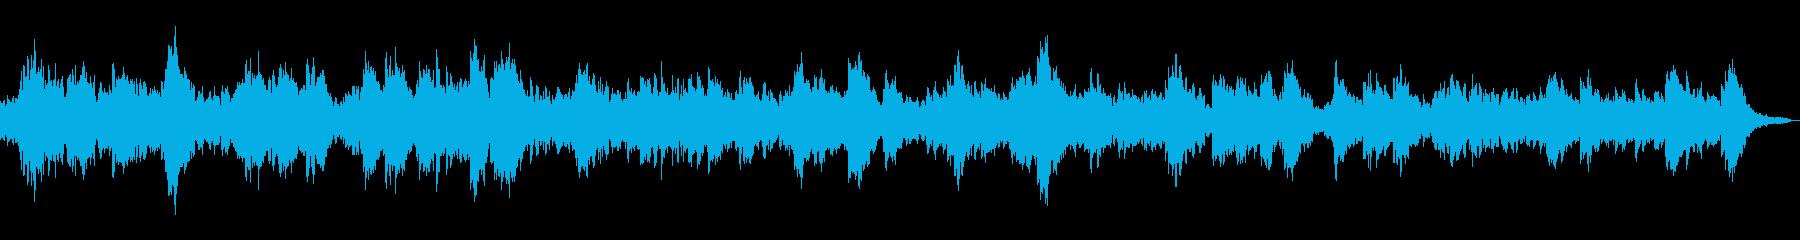 ハープとシンセサイザーの穏やかな瞑想曲の再生済みの波形